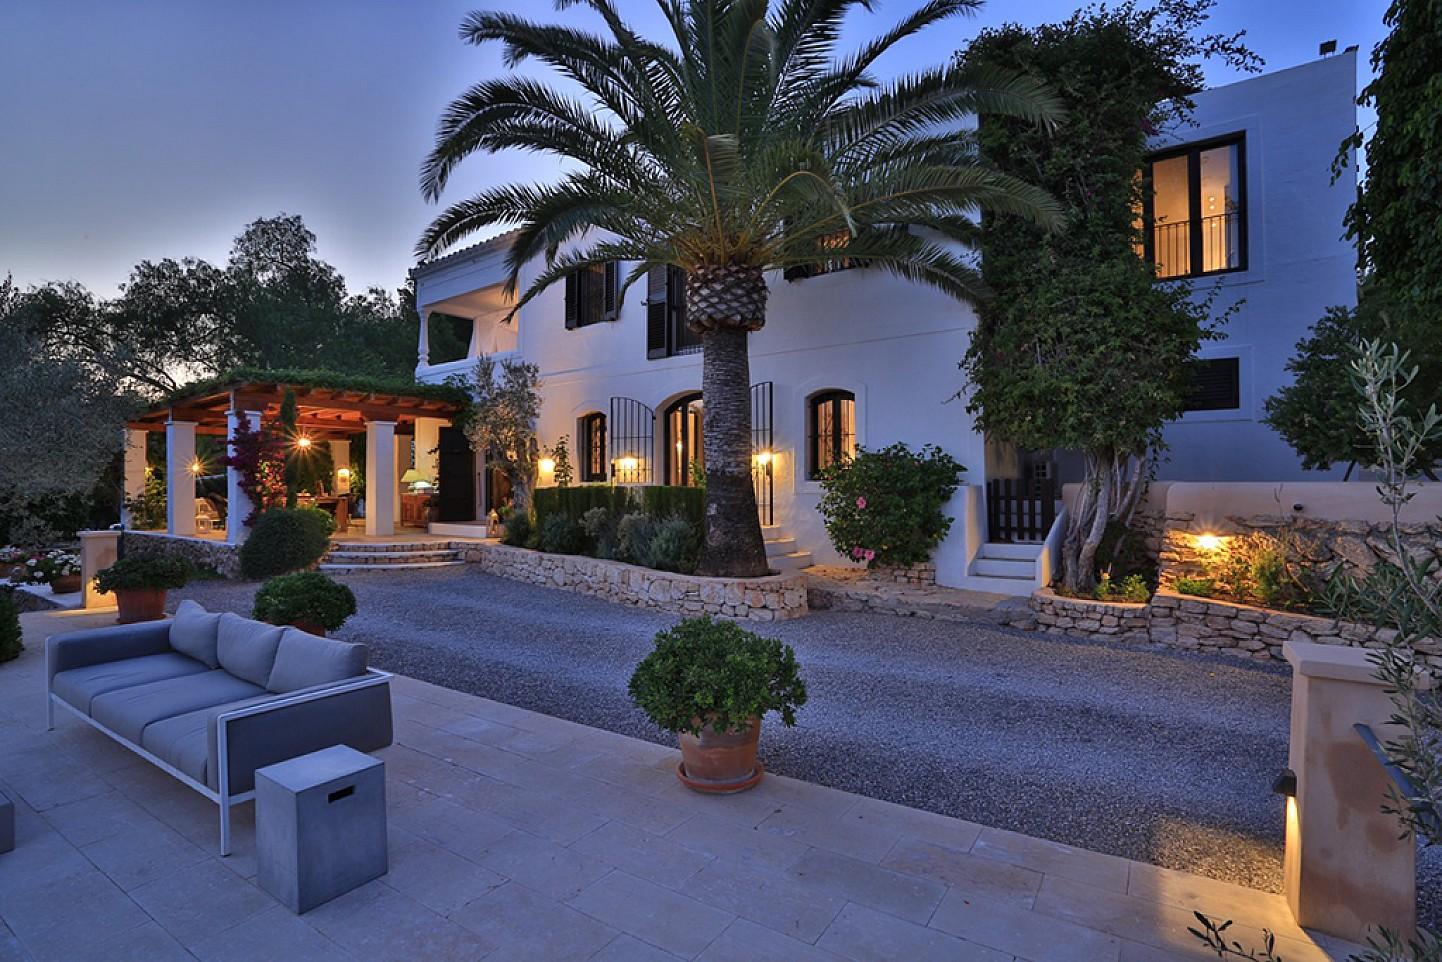 Шикарный сад дома в аренду в Санта Жертрудис